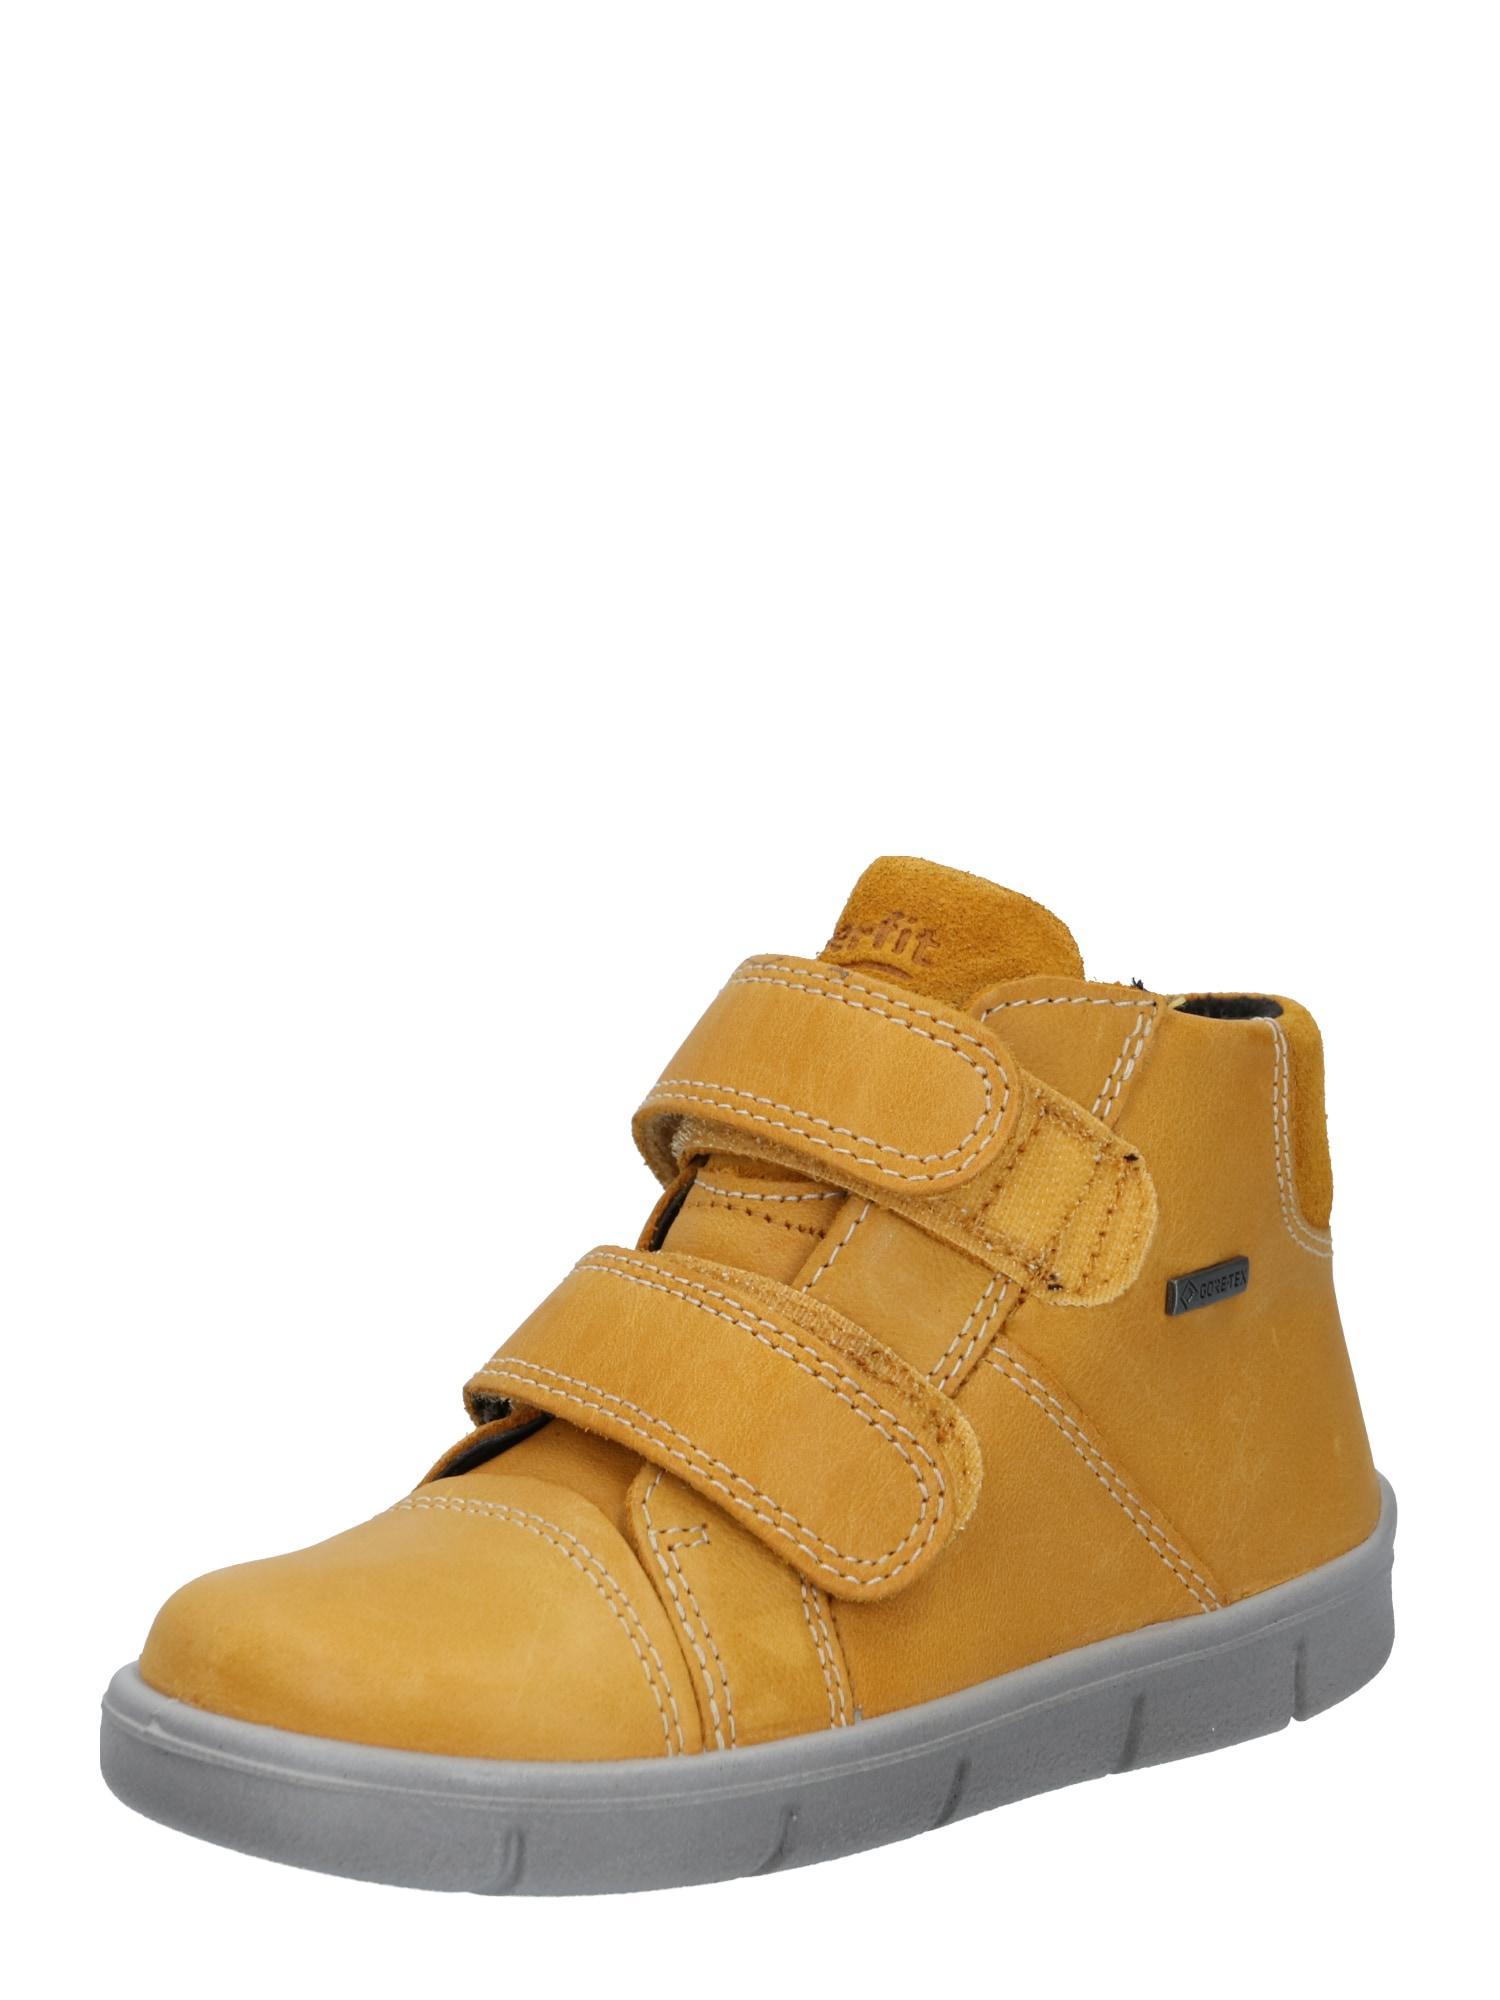 SUPERFIT Pirmieji vaiko vaikščiojimo bateliai 'ULLI' aukso geltonumo spalva